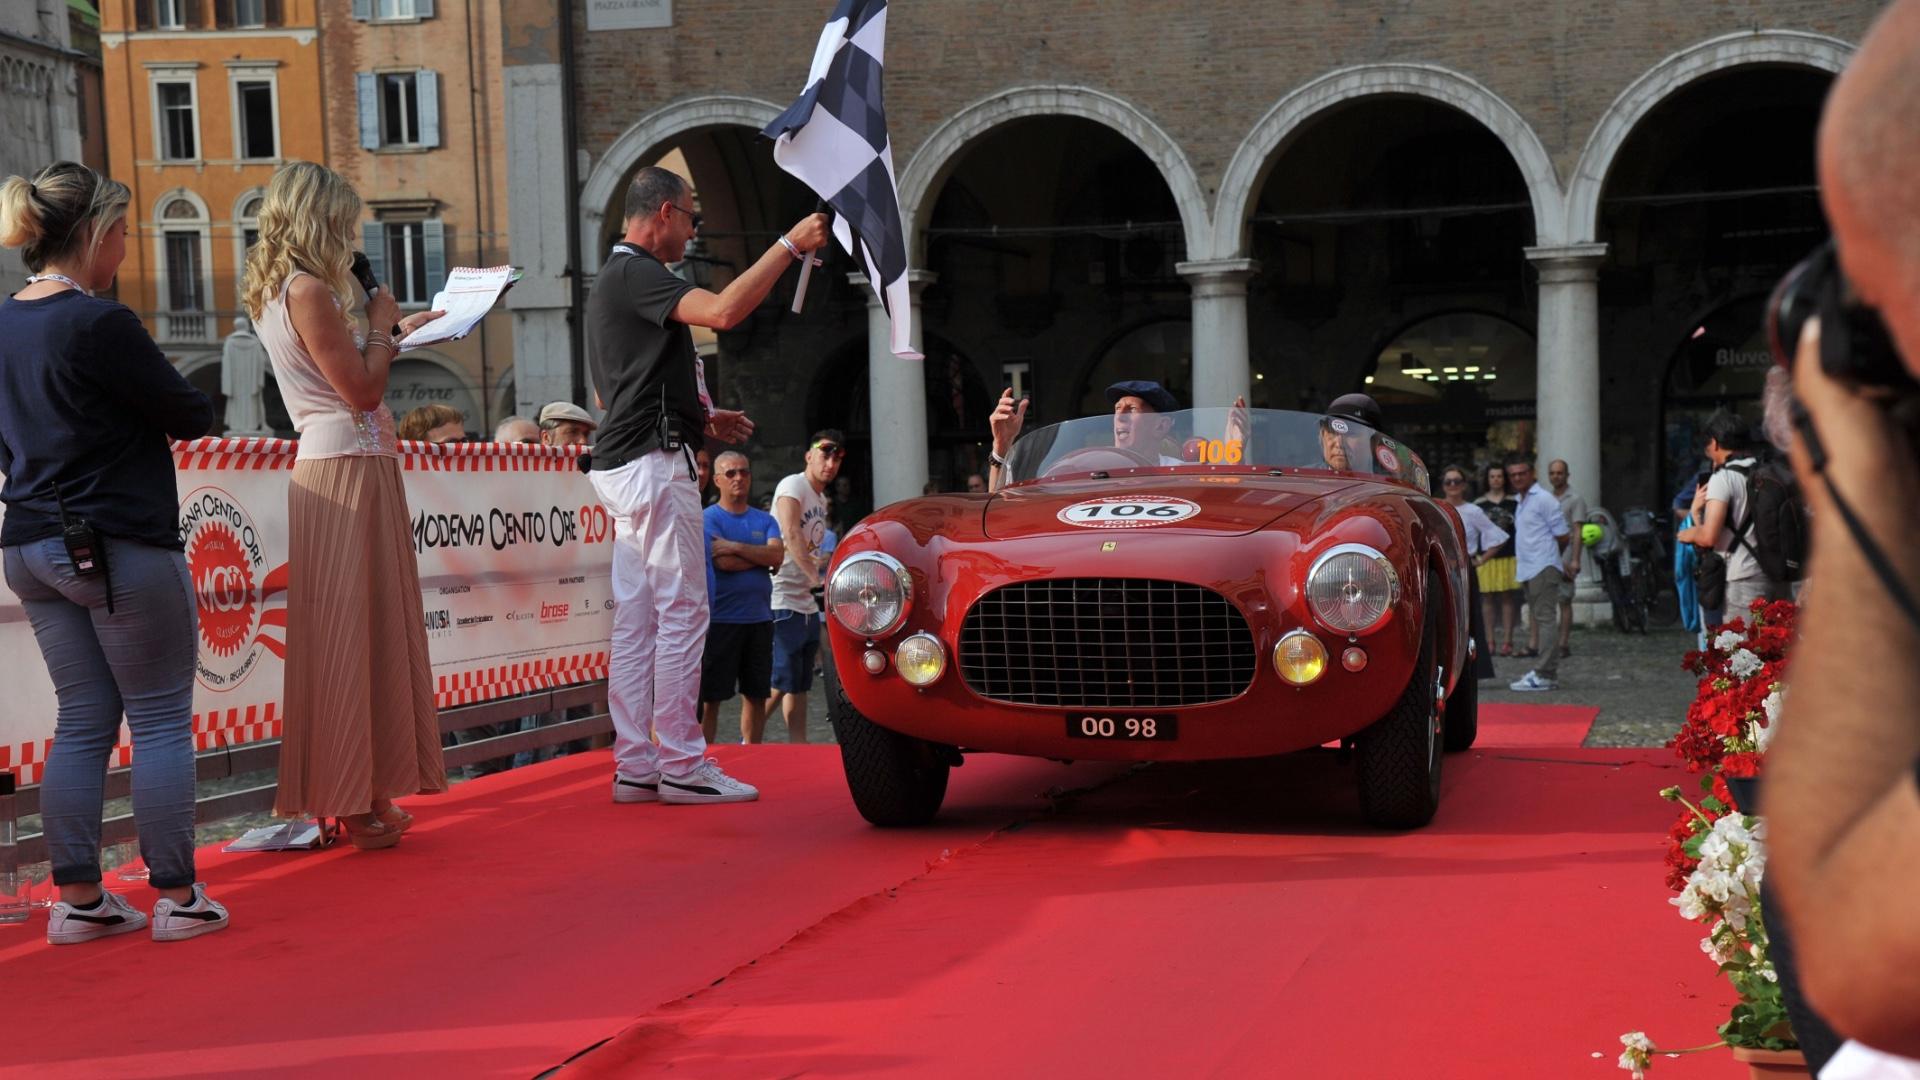 Con l'arrivo in Piazza Grande a Modena si conclude la diciannovesima edizione della Modena Cento Ore.